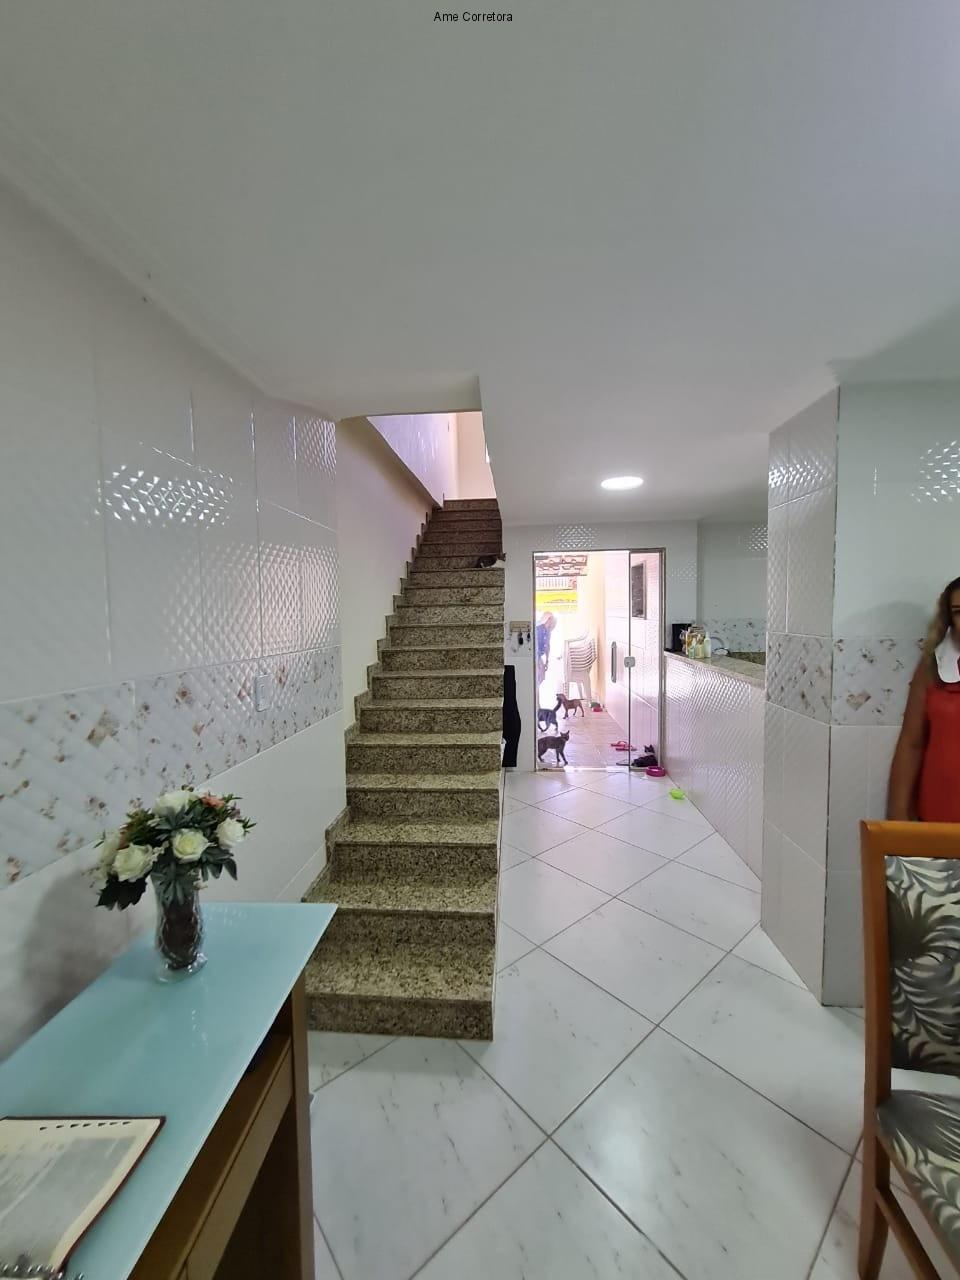 FOTO 06 - Casa 3 quartos à venda Bangu, Rio de Janeiro - R$ 480.000 - CA00872 - 6